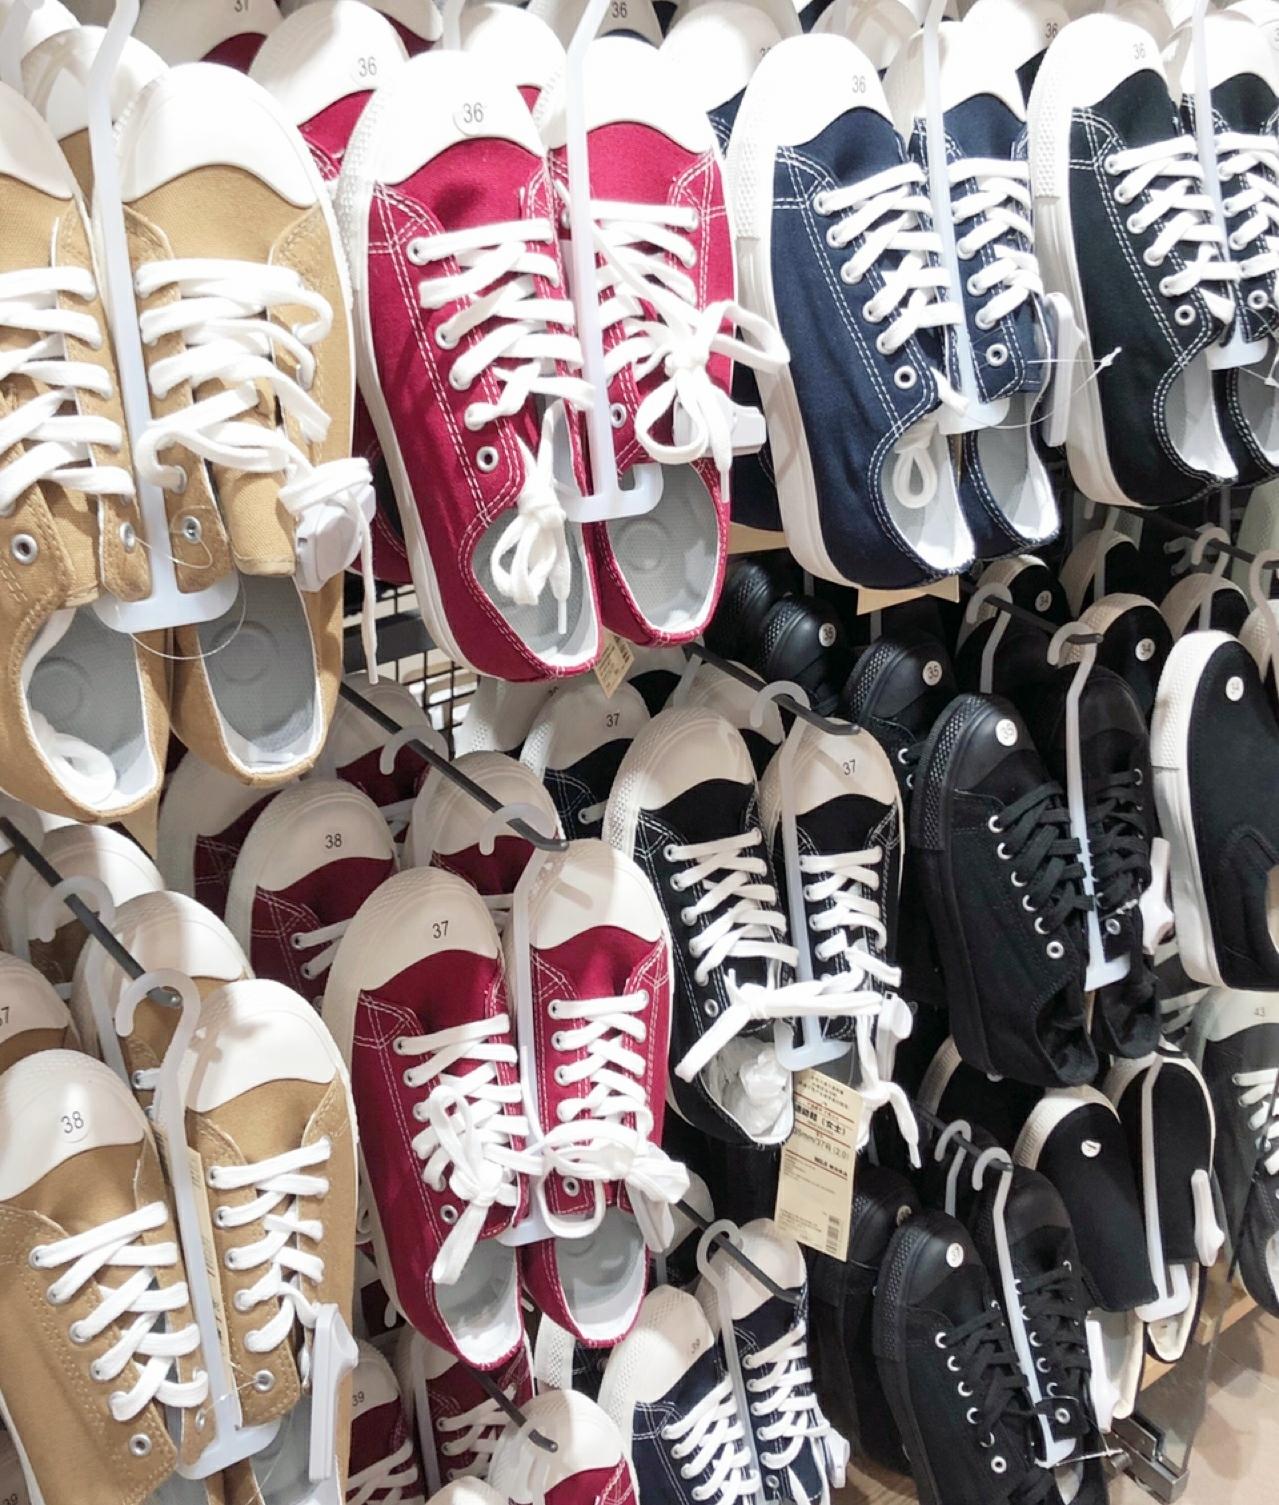 帆布鞋 无印良品小白鞋MUJI帆布鞋新款不易沾水棉防疲劳男女百搭休闲鞋_推荐淘宝好看的女帆布鞋